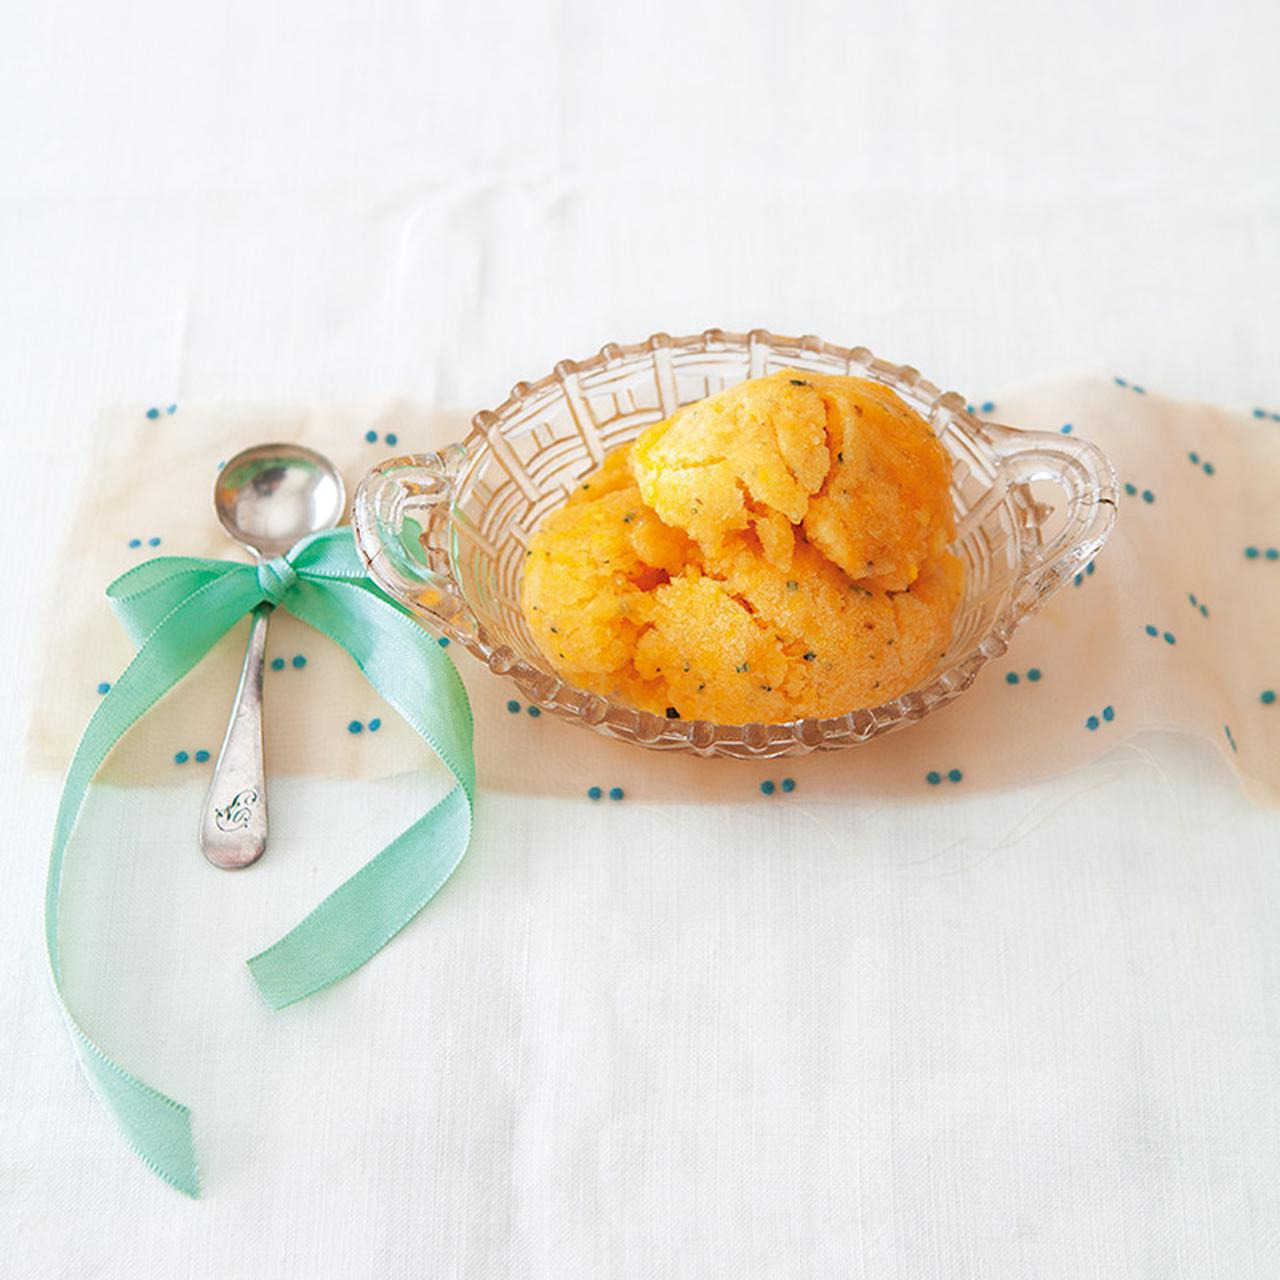 画像: 濃厚なバナナもさわやかに「バナナとオレンジ ローズマリーのシャーベット」のレシピ|かわいいアイス/千葉奈津絵さん